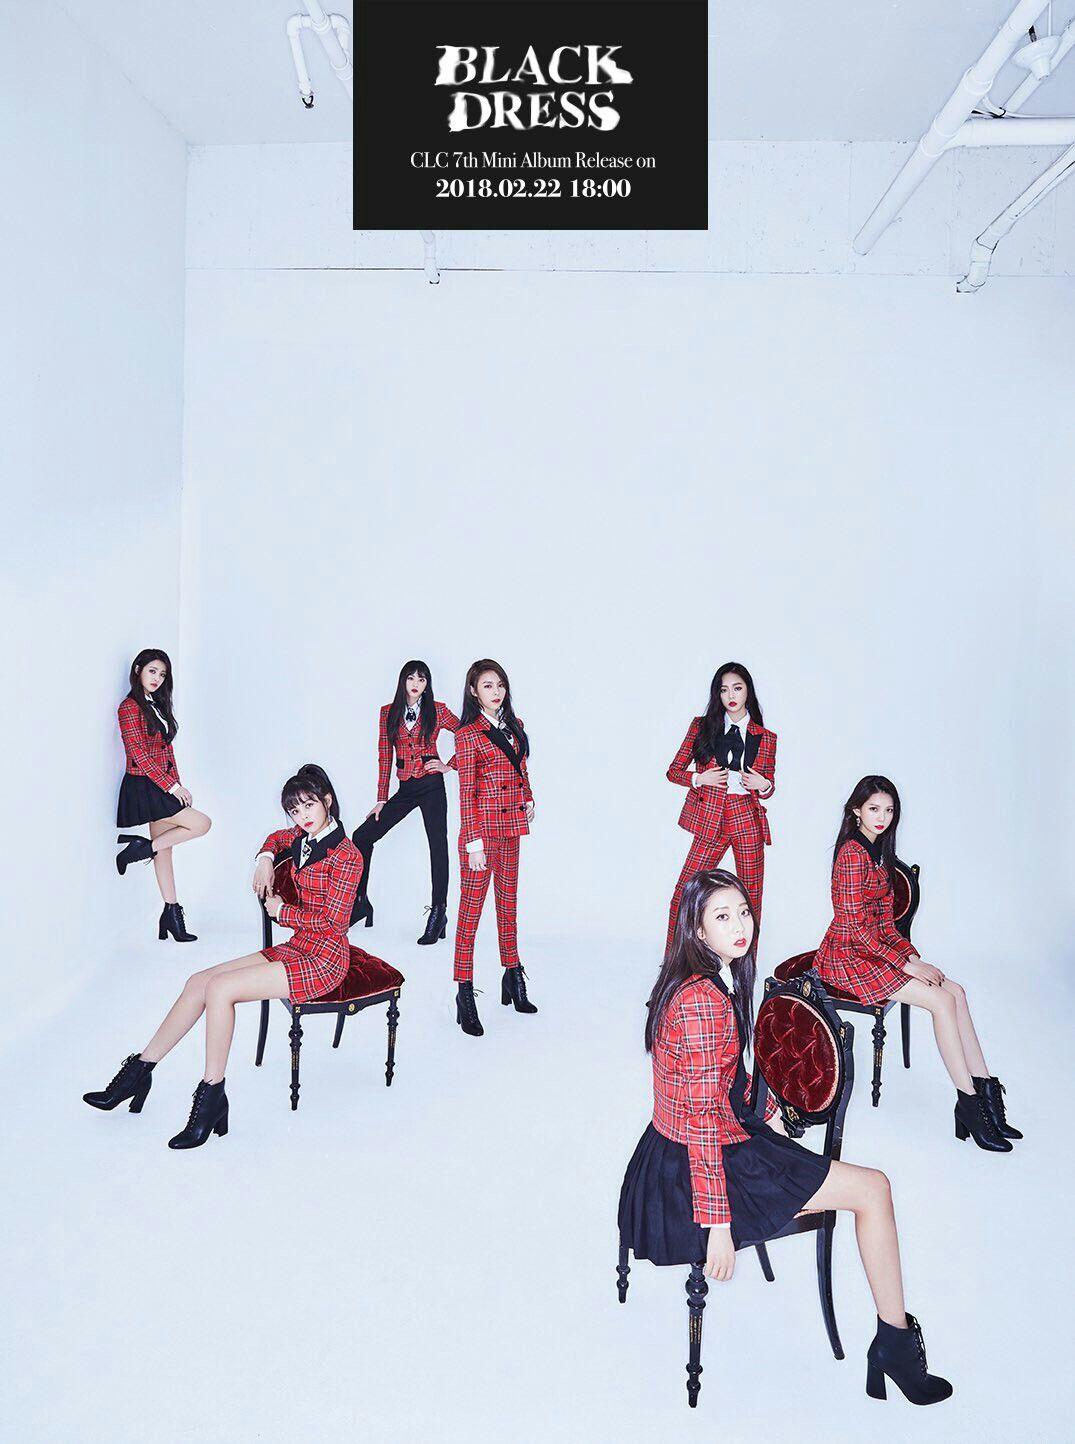 CLC - 'Black Dress' Teaser Image